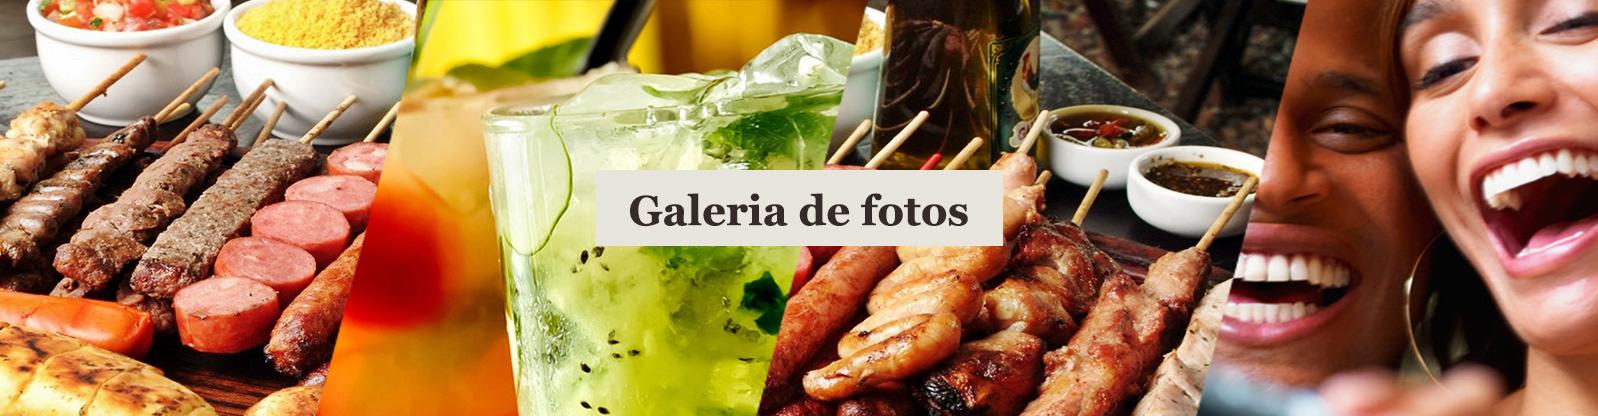 galeria-de-fotos-reino-do-churrasco